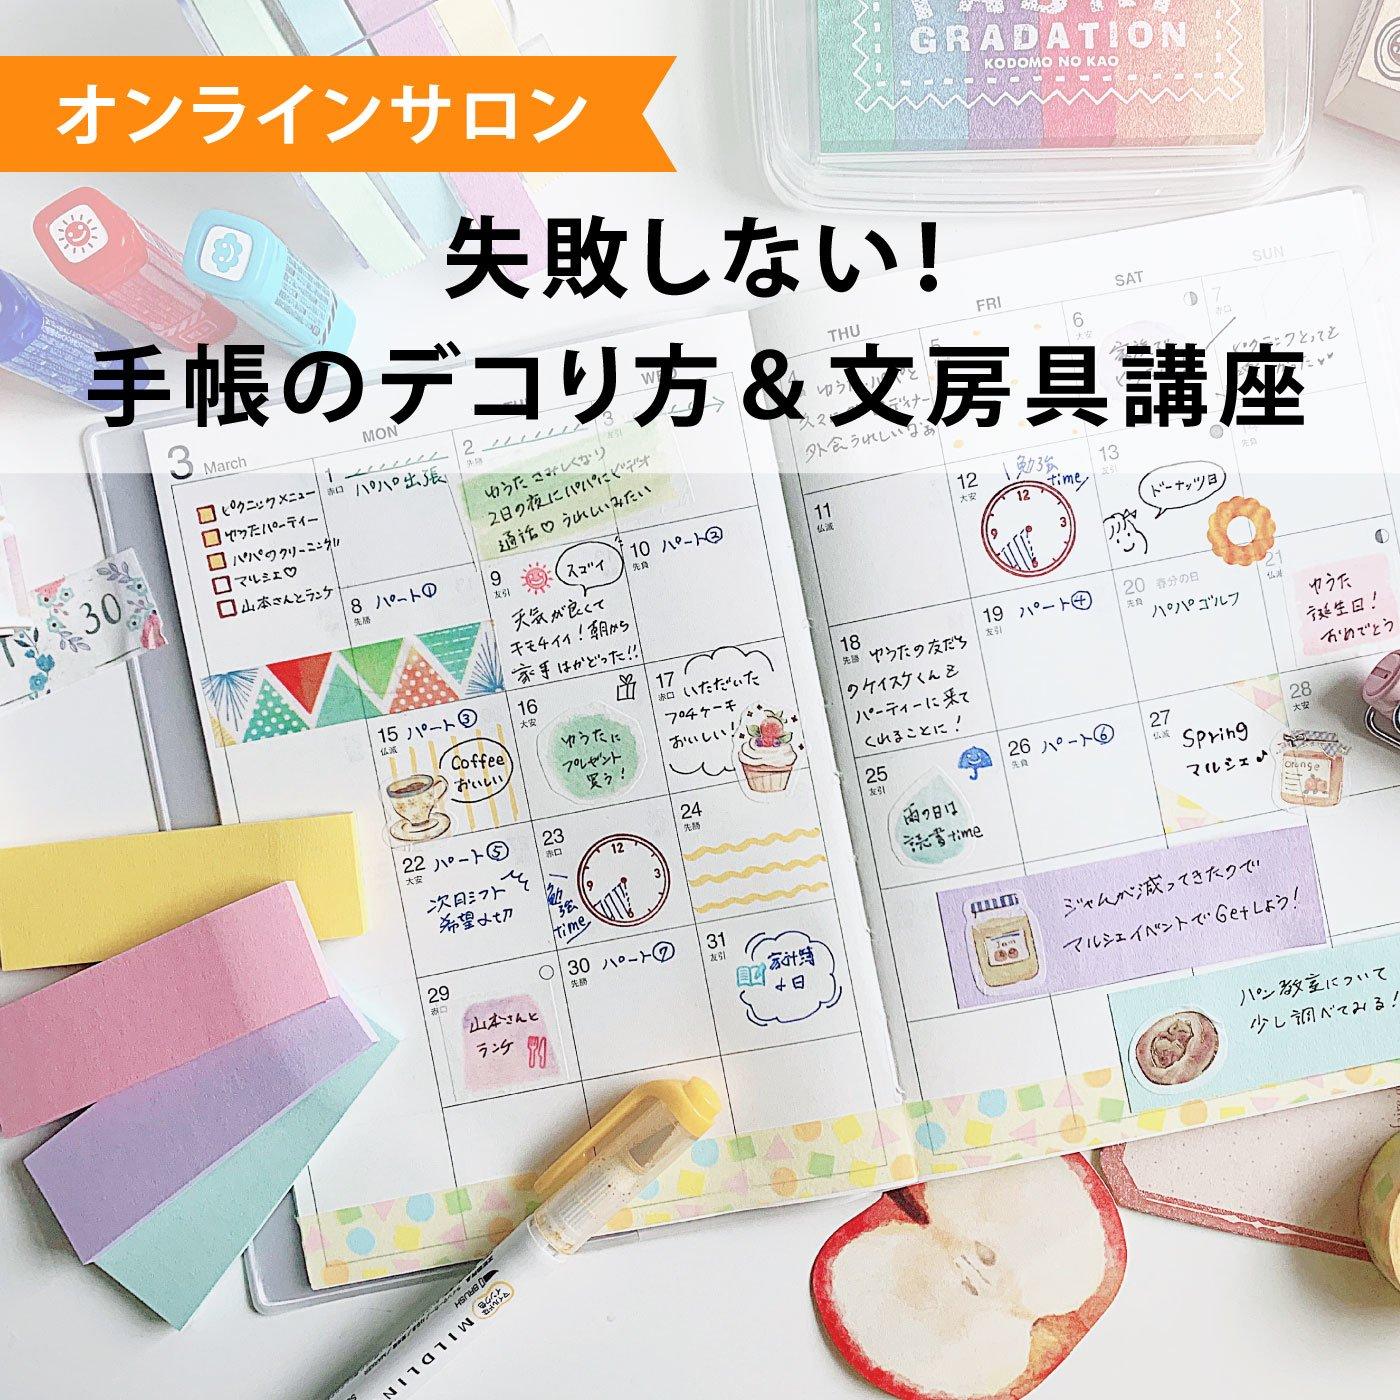 【オンラインサロン】失敗しない!手帳のデコり方&文房具講座